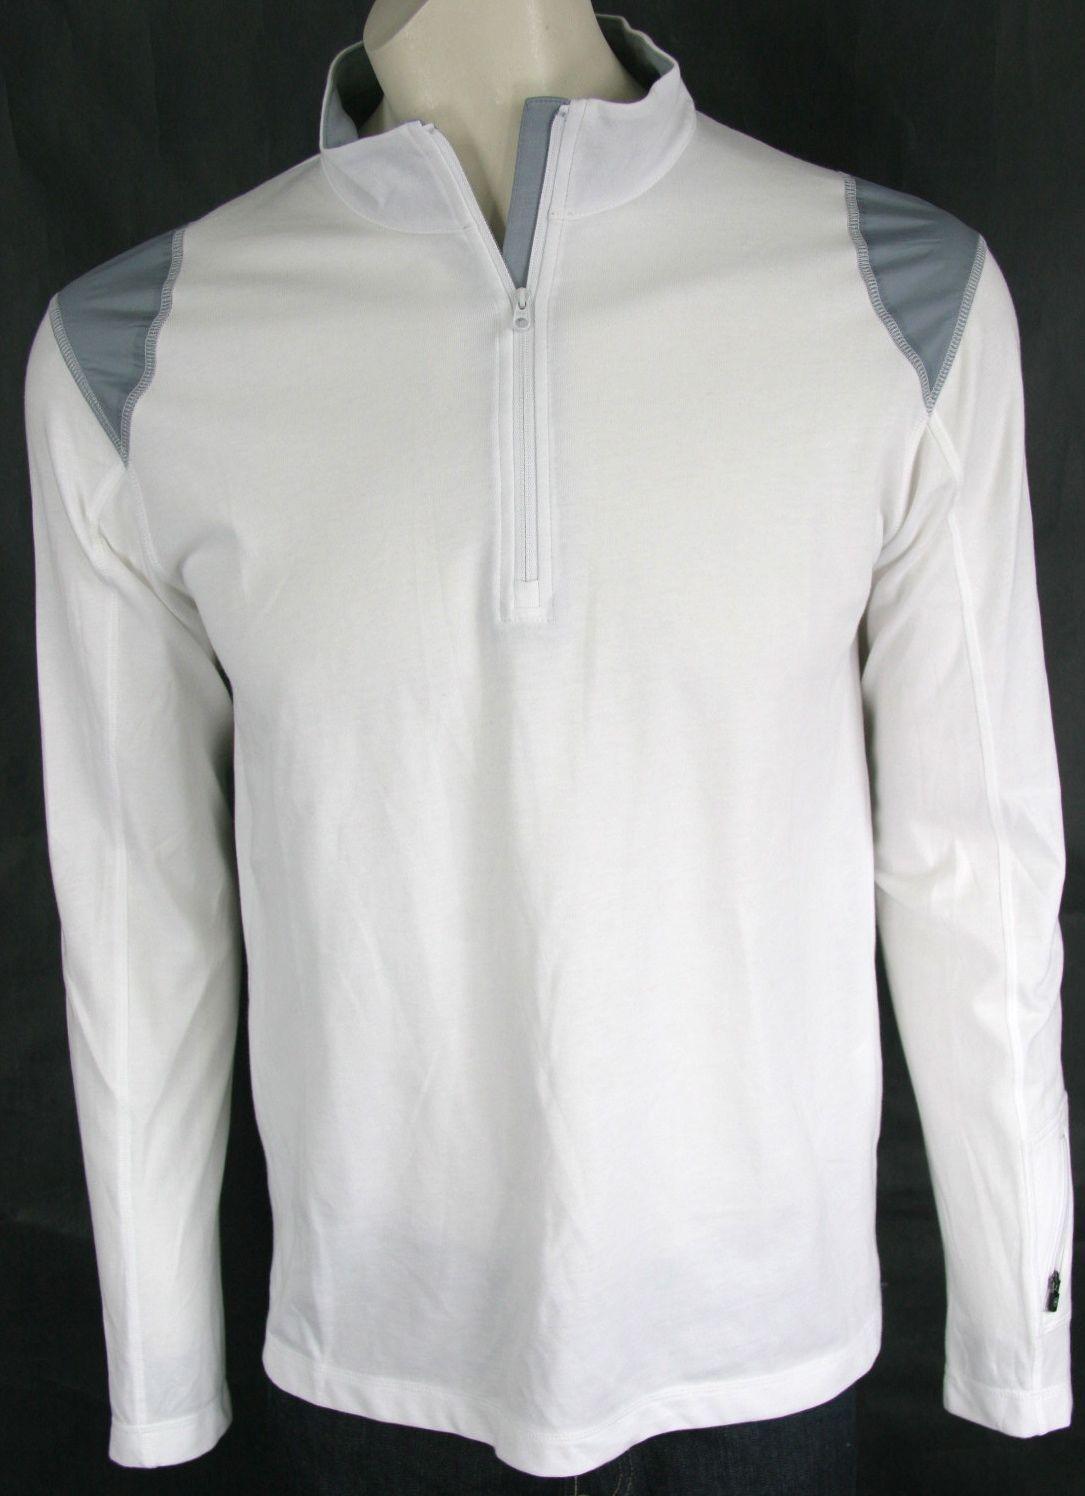 Victorinox Light Weight 1 4 Zip Top Classic White